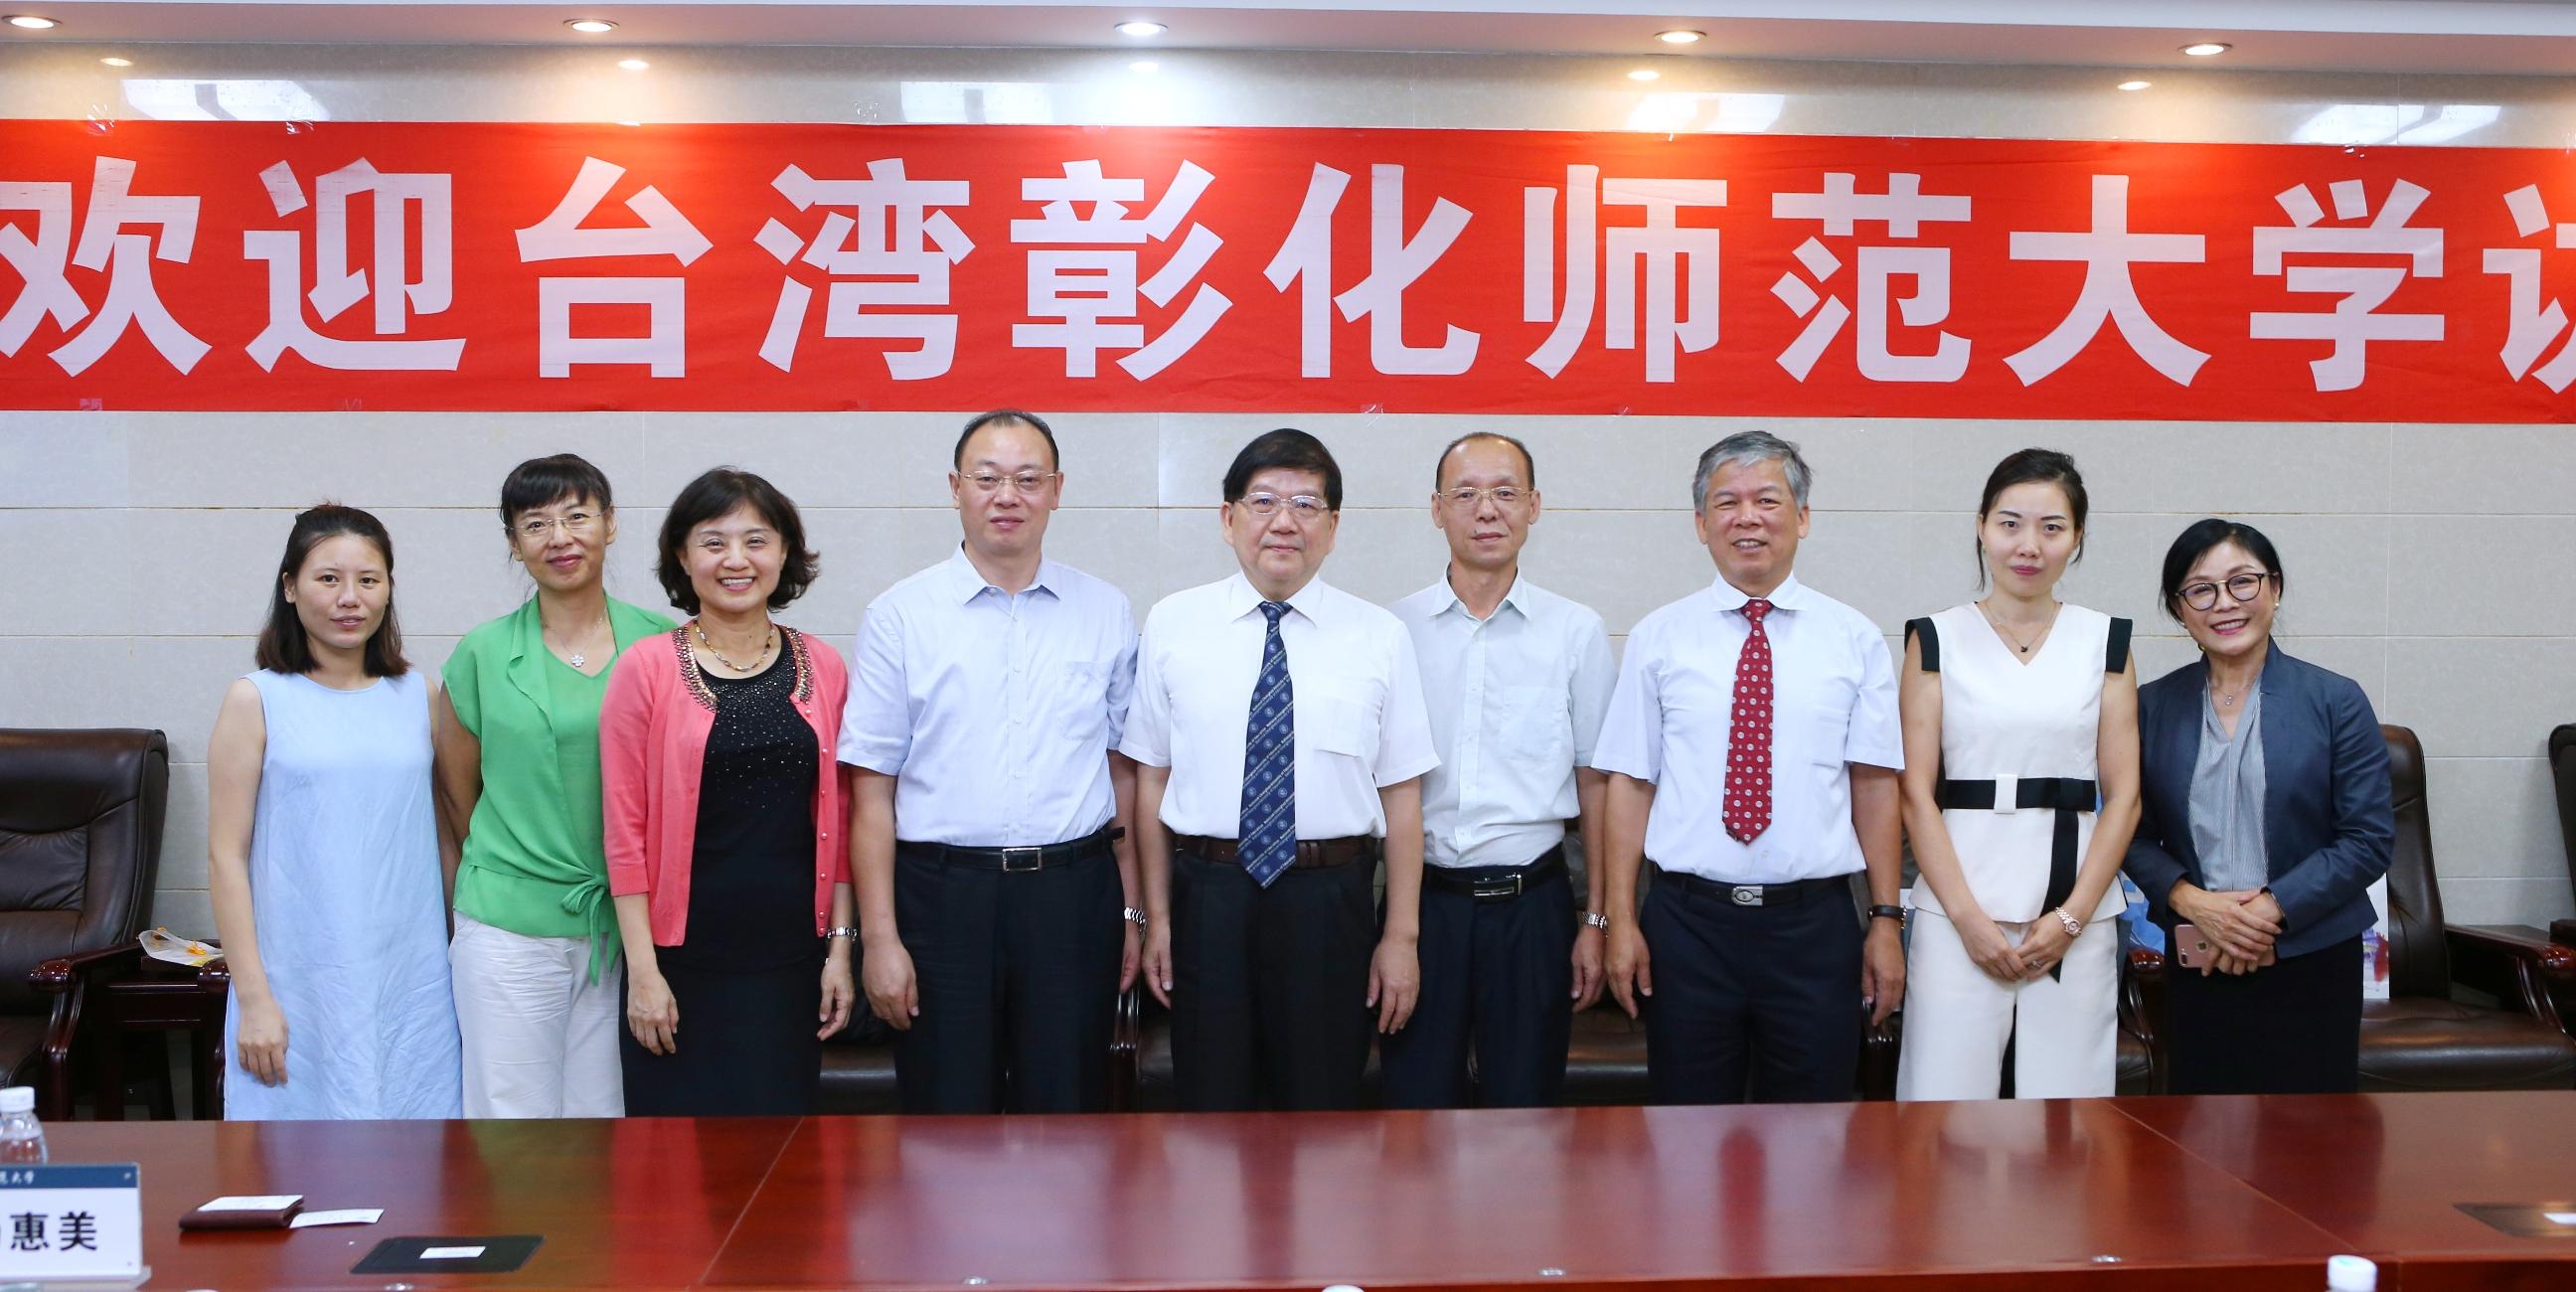 台湾彰化师范大学代表团访问我校